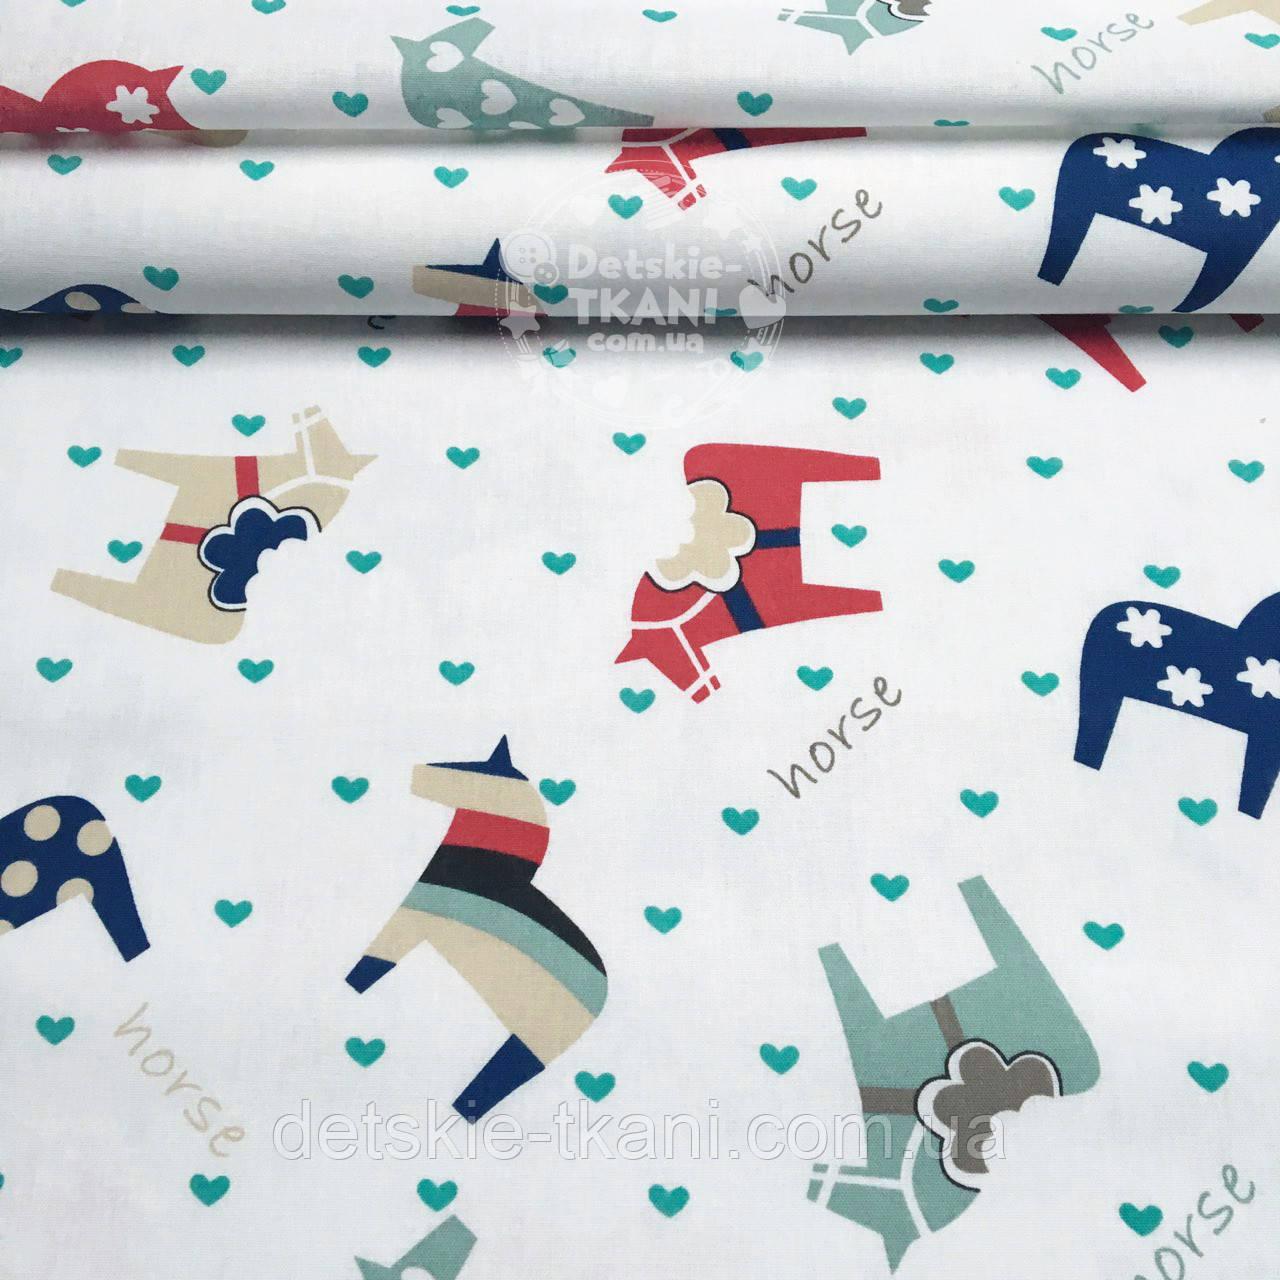 """Хлопковая ткань шириной 220 см с рисунком """"Лошадки и бирюзовые сердечки"""" на белом (№1684)"""